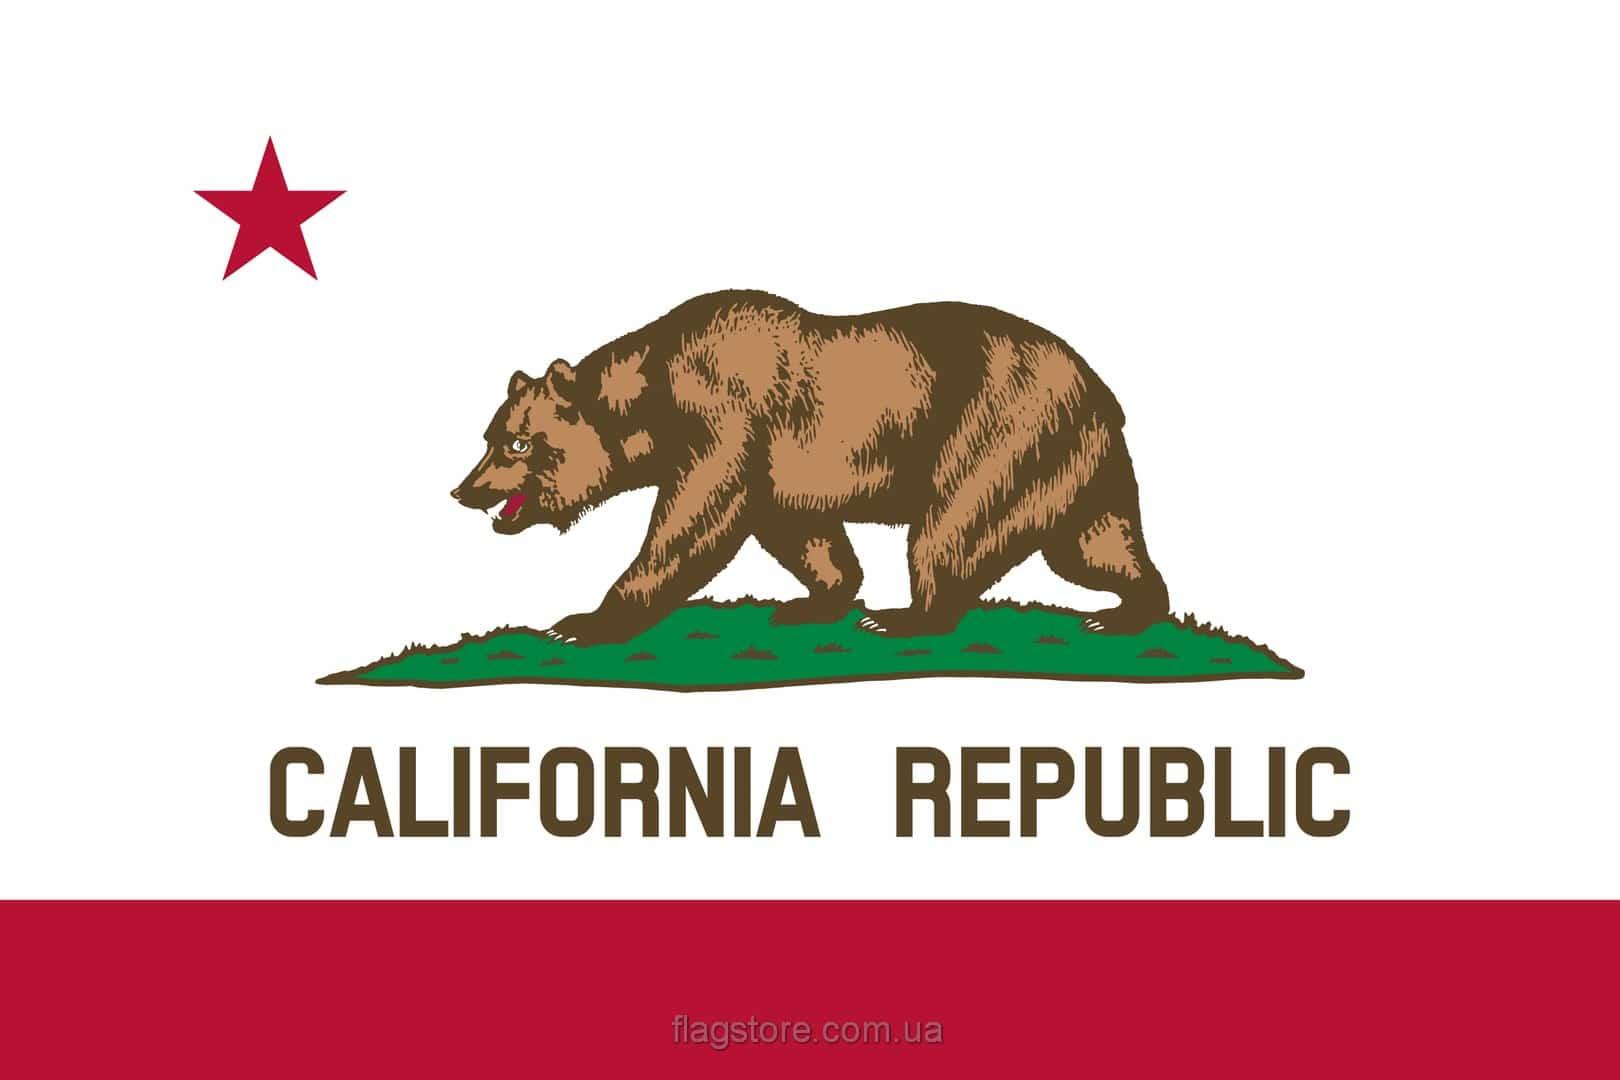 Купить флаг Калифорнии (штата Калифорния)